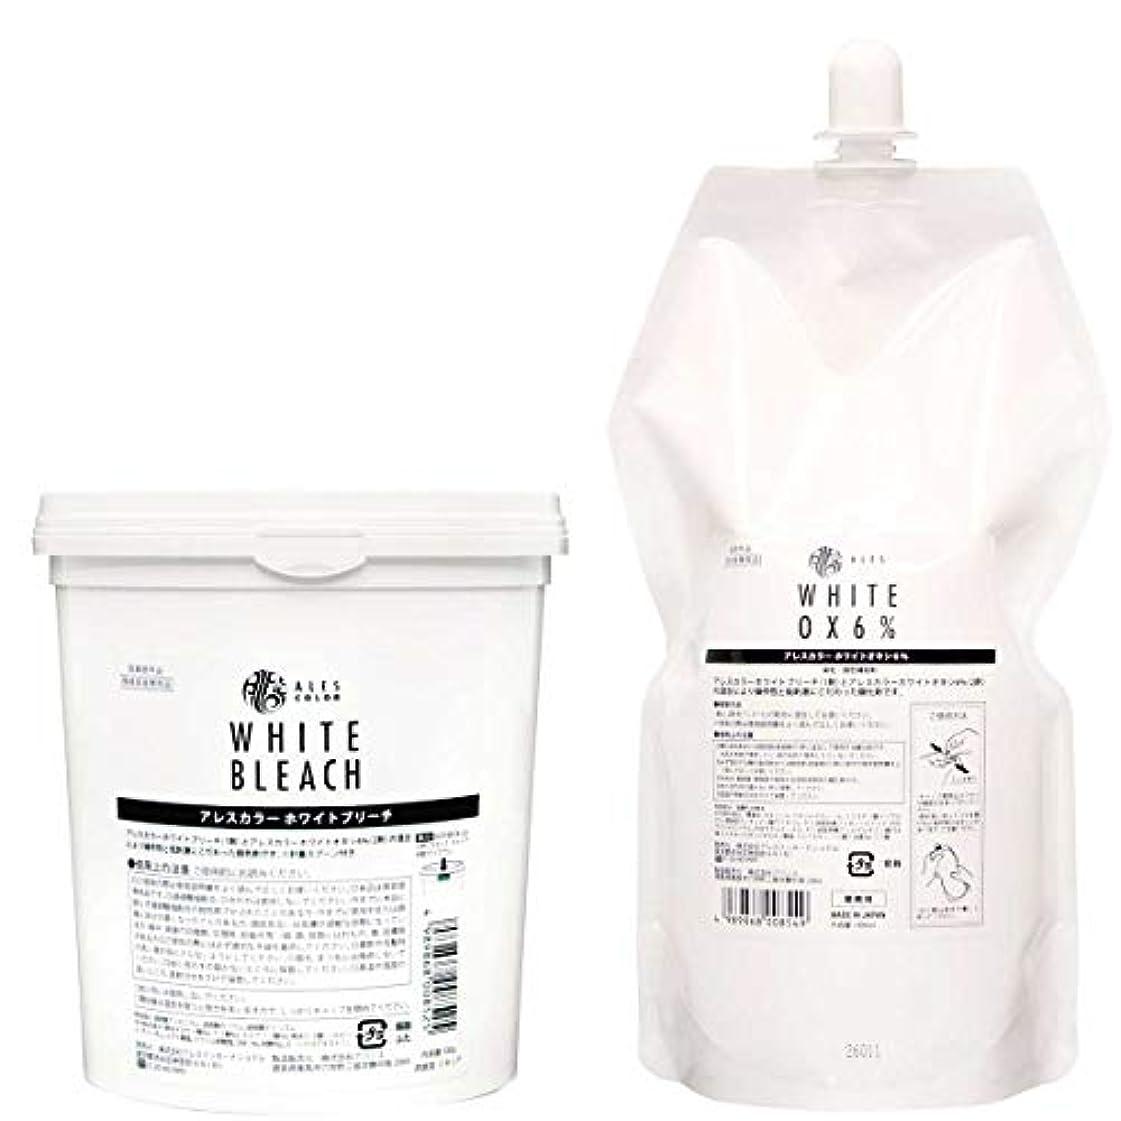 稼ぐ開梱バン【セット】アレスカラー ホワイトブリーチ 500g & ホワイトオキシ6% 1000mL